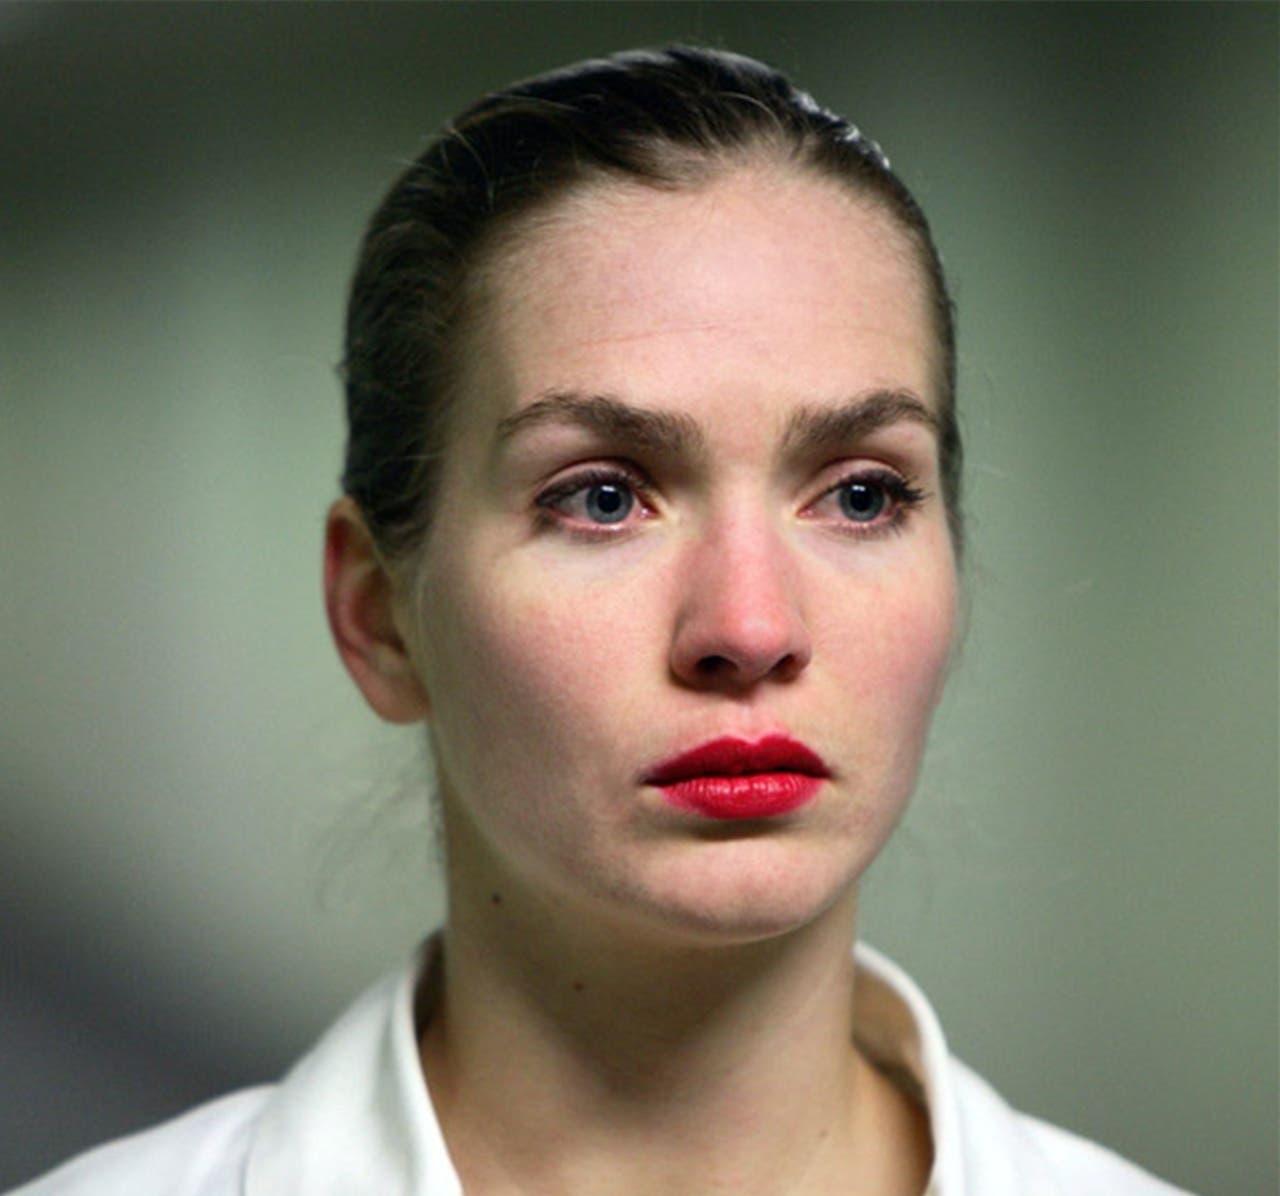 Der Anerkennungspreis geht an die Schauspielerin Sandra Sieber.